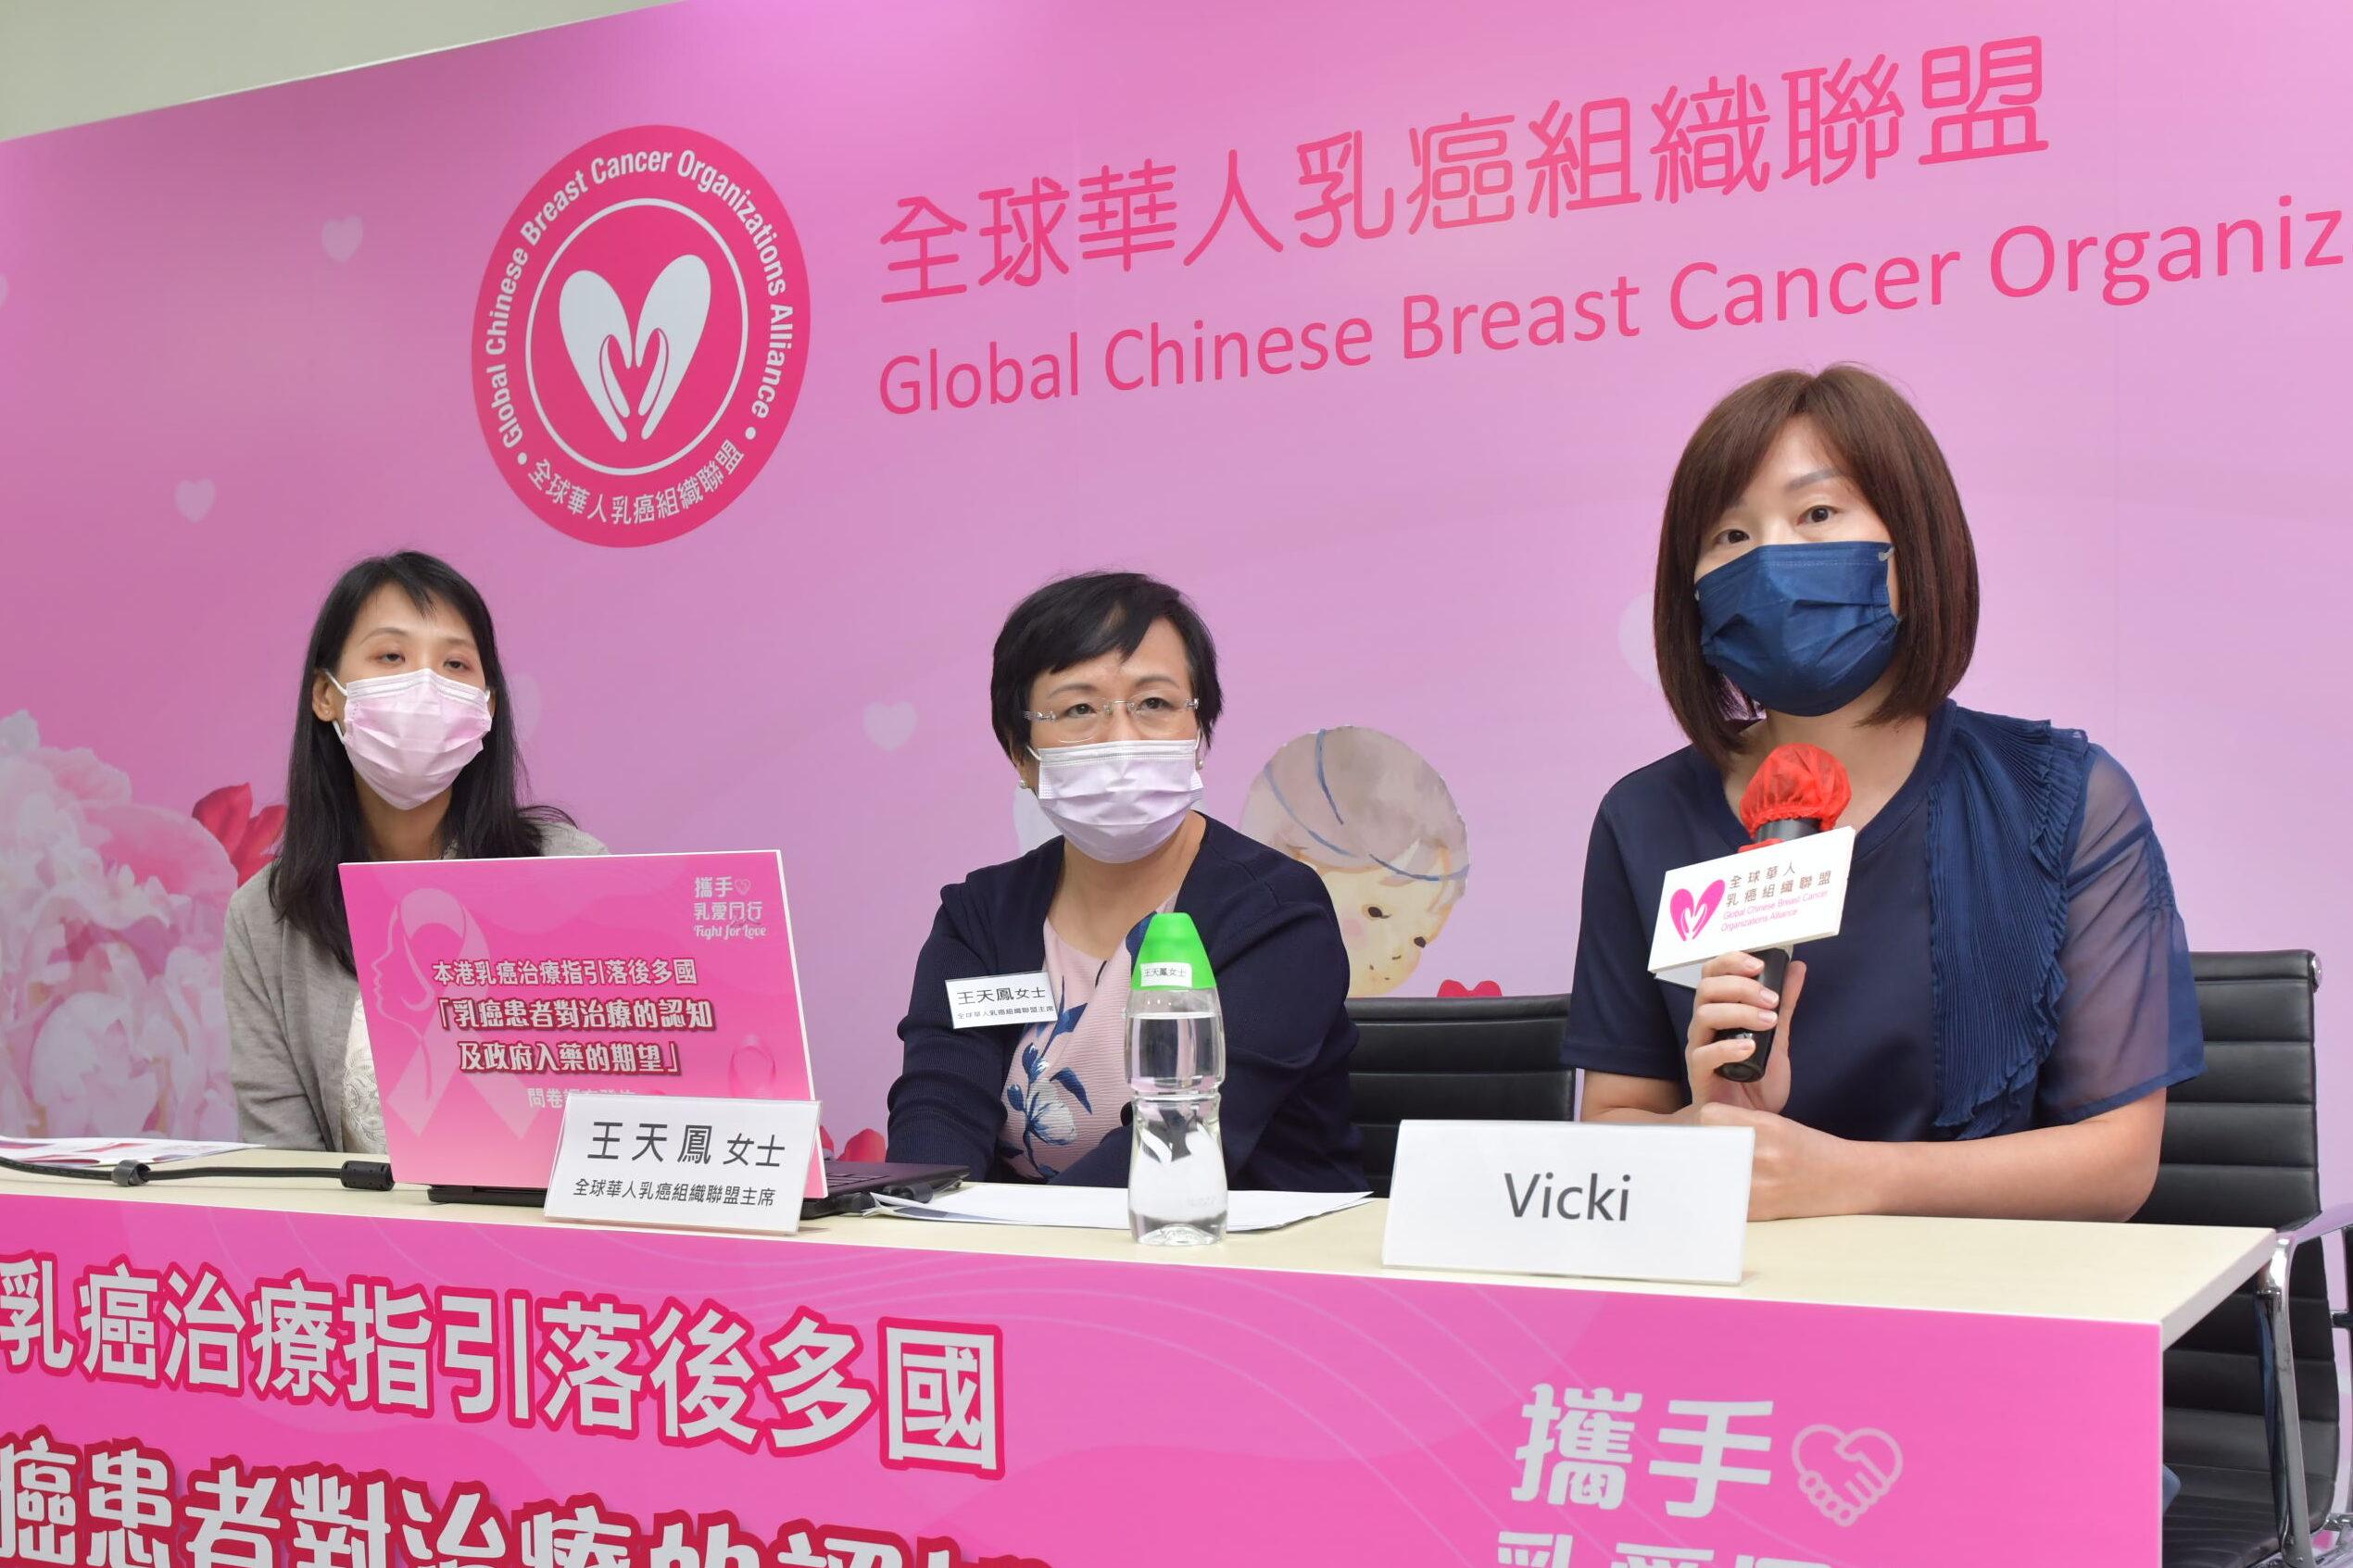 臨床腫瘤科陳穎樂醫生、全球華人乳癌組織聯盟主席王天鳳女士,建議政府應盡快與國際治療指引接軌,將術後雙標靶藥物納入藥物名冊。